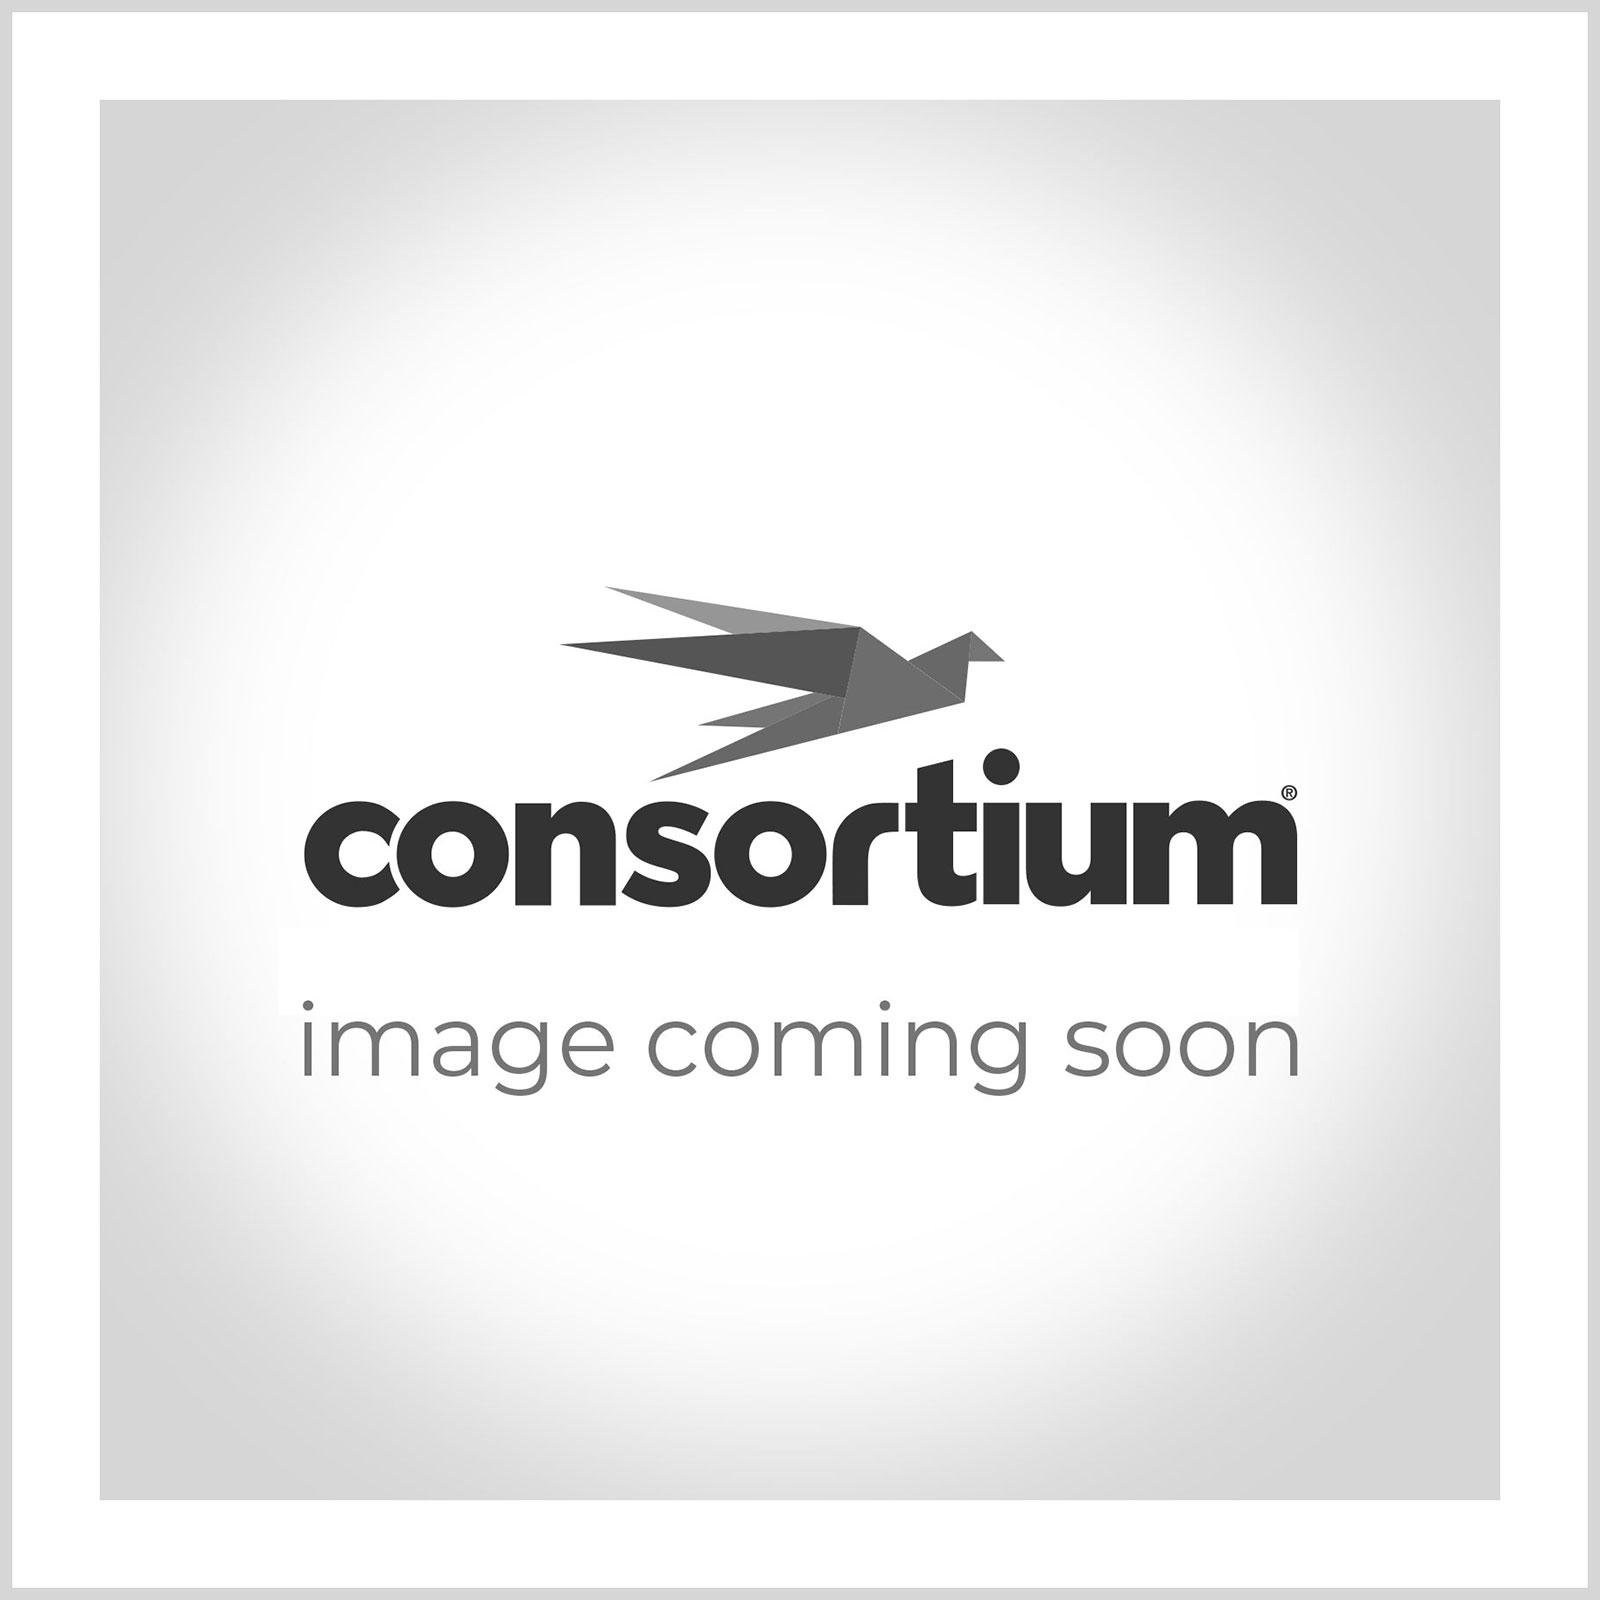 Consortium Mini Magnetic Whiteboards